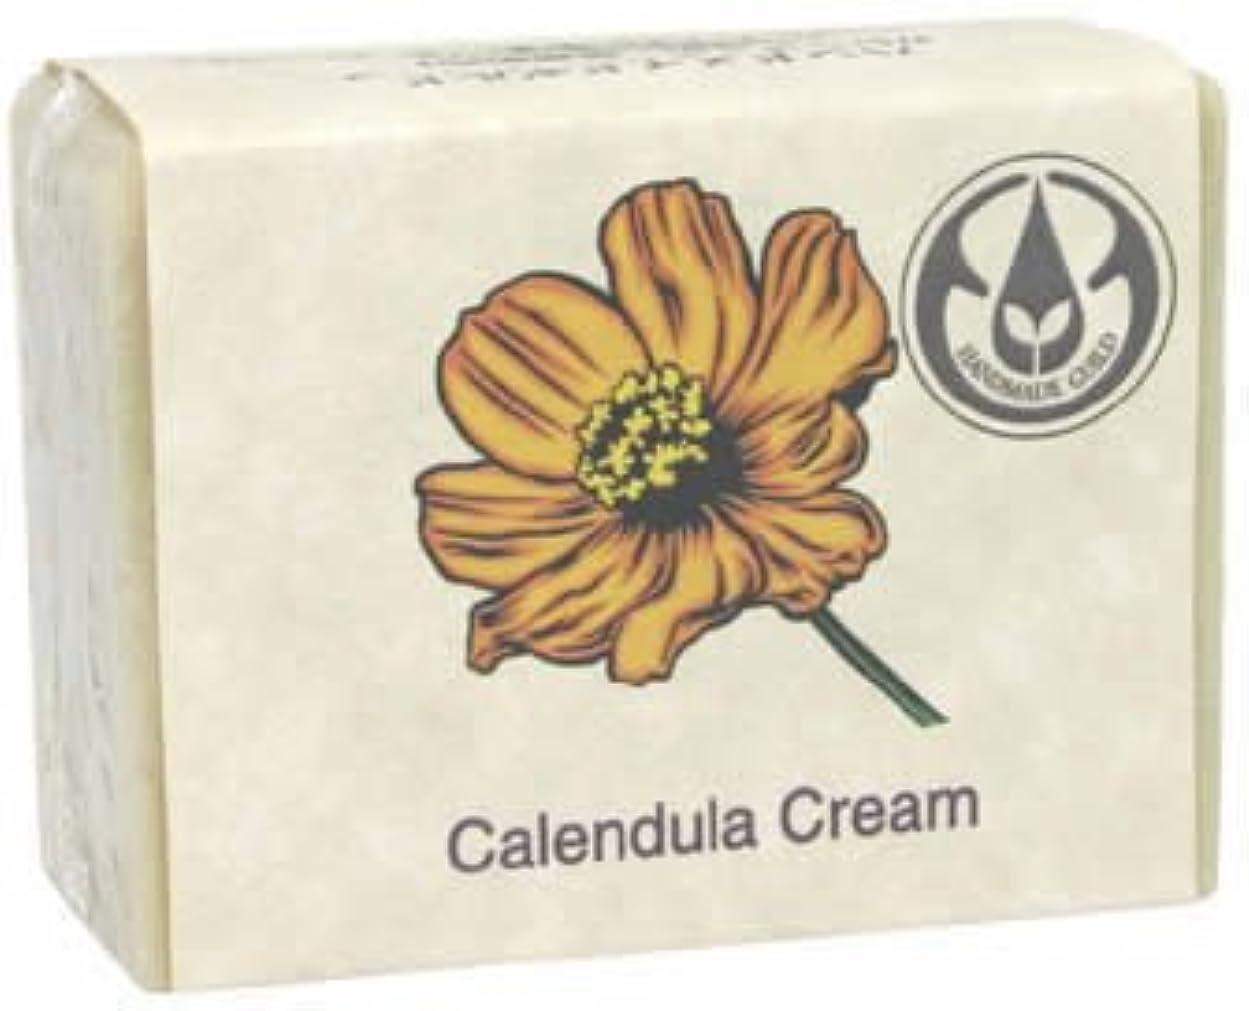 誇り前関税ジョン&ダイアナのハンドメイドソープ カレンデュラクリーム 90g